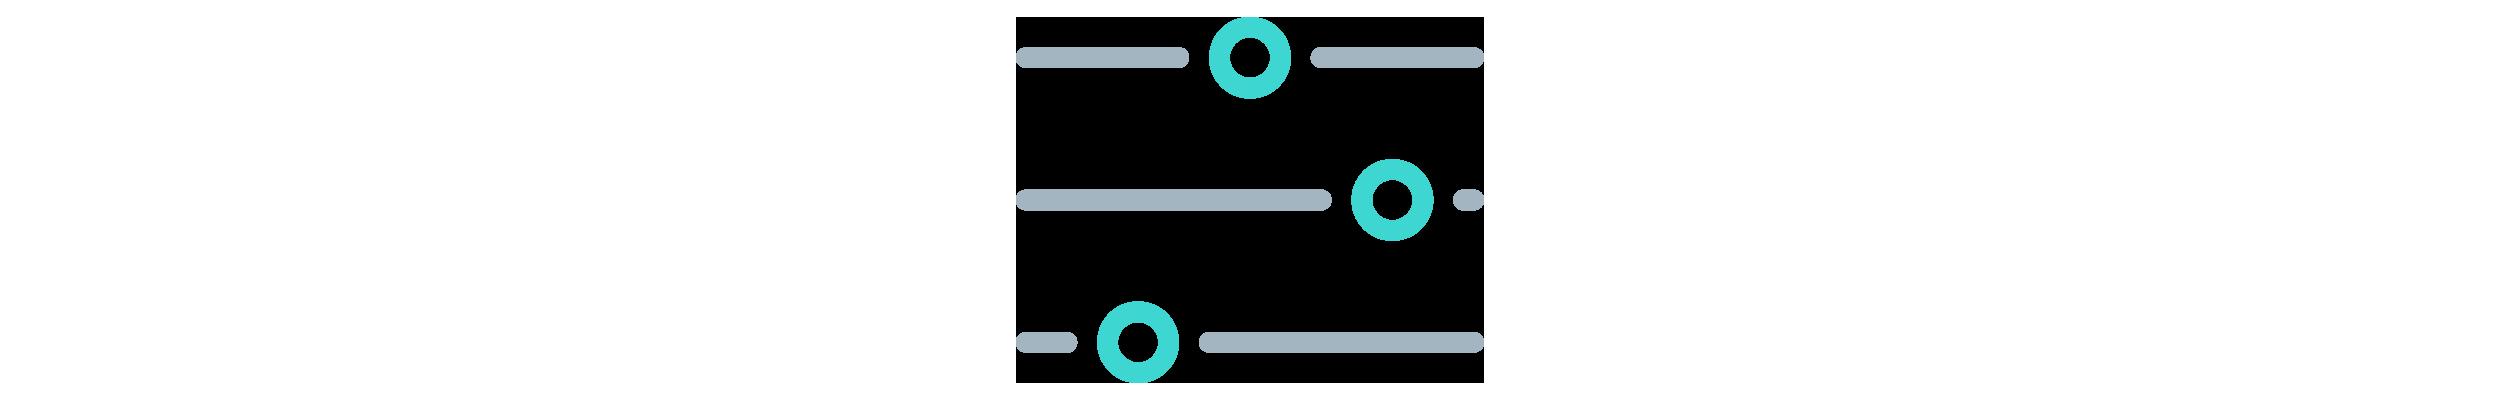 providers-facilitate-care-icon.png